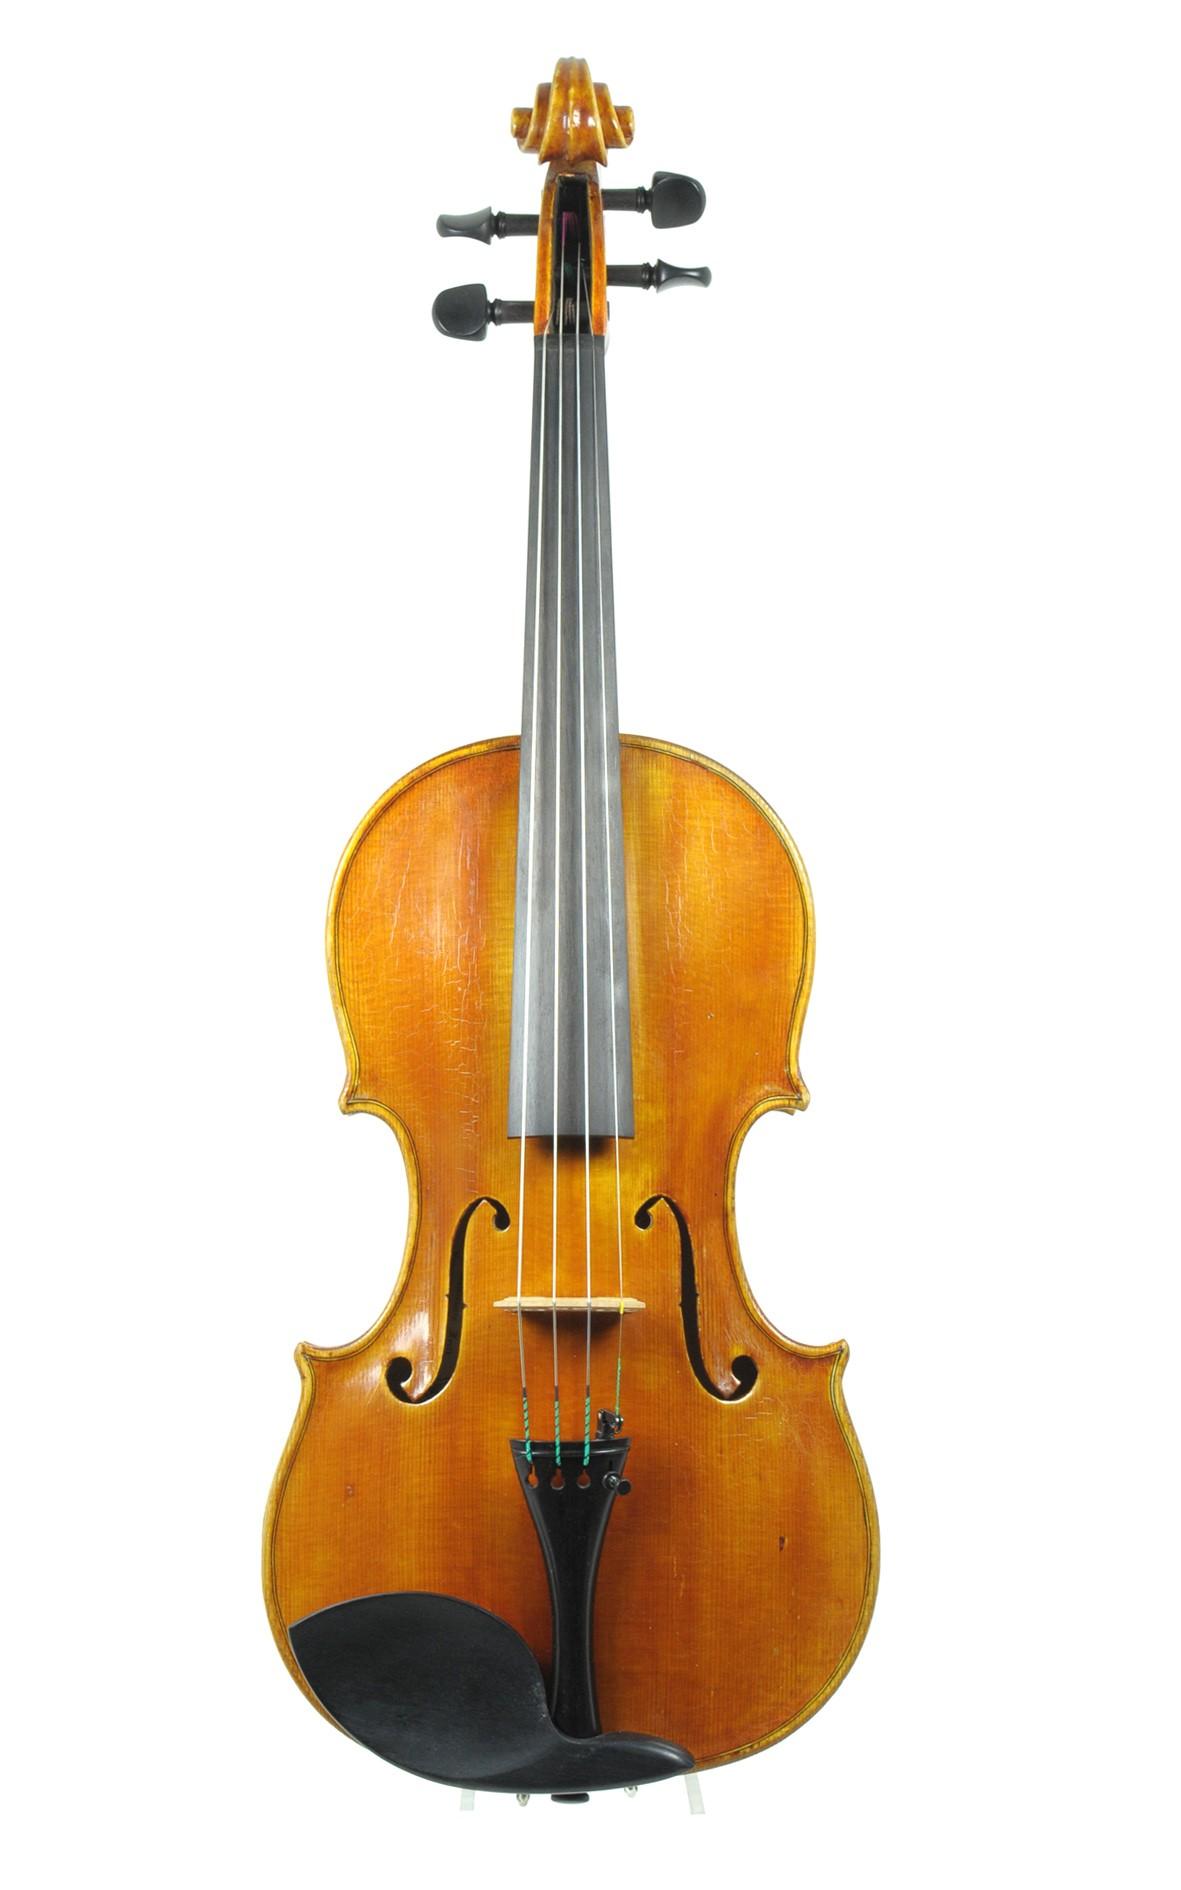 Italian violin by Sergio Maria Martinoli 1996 - top